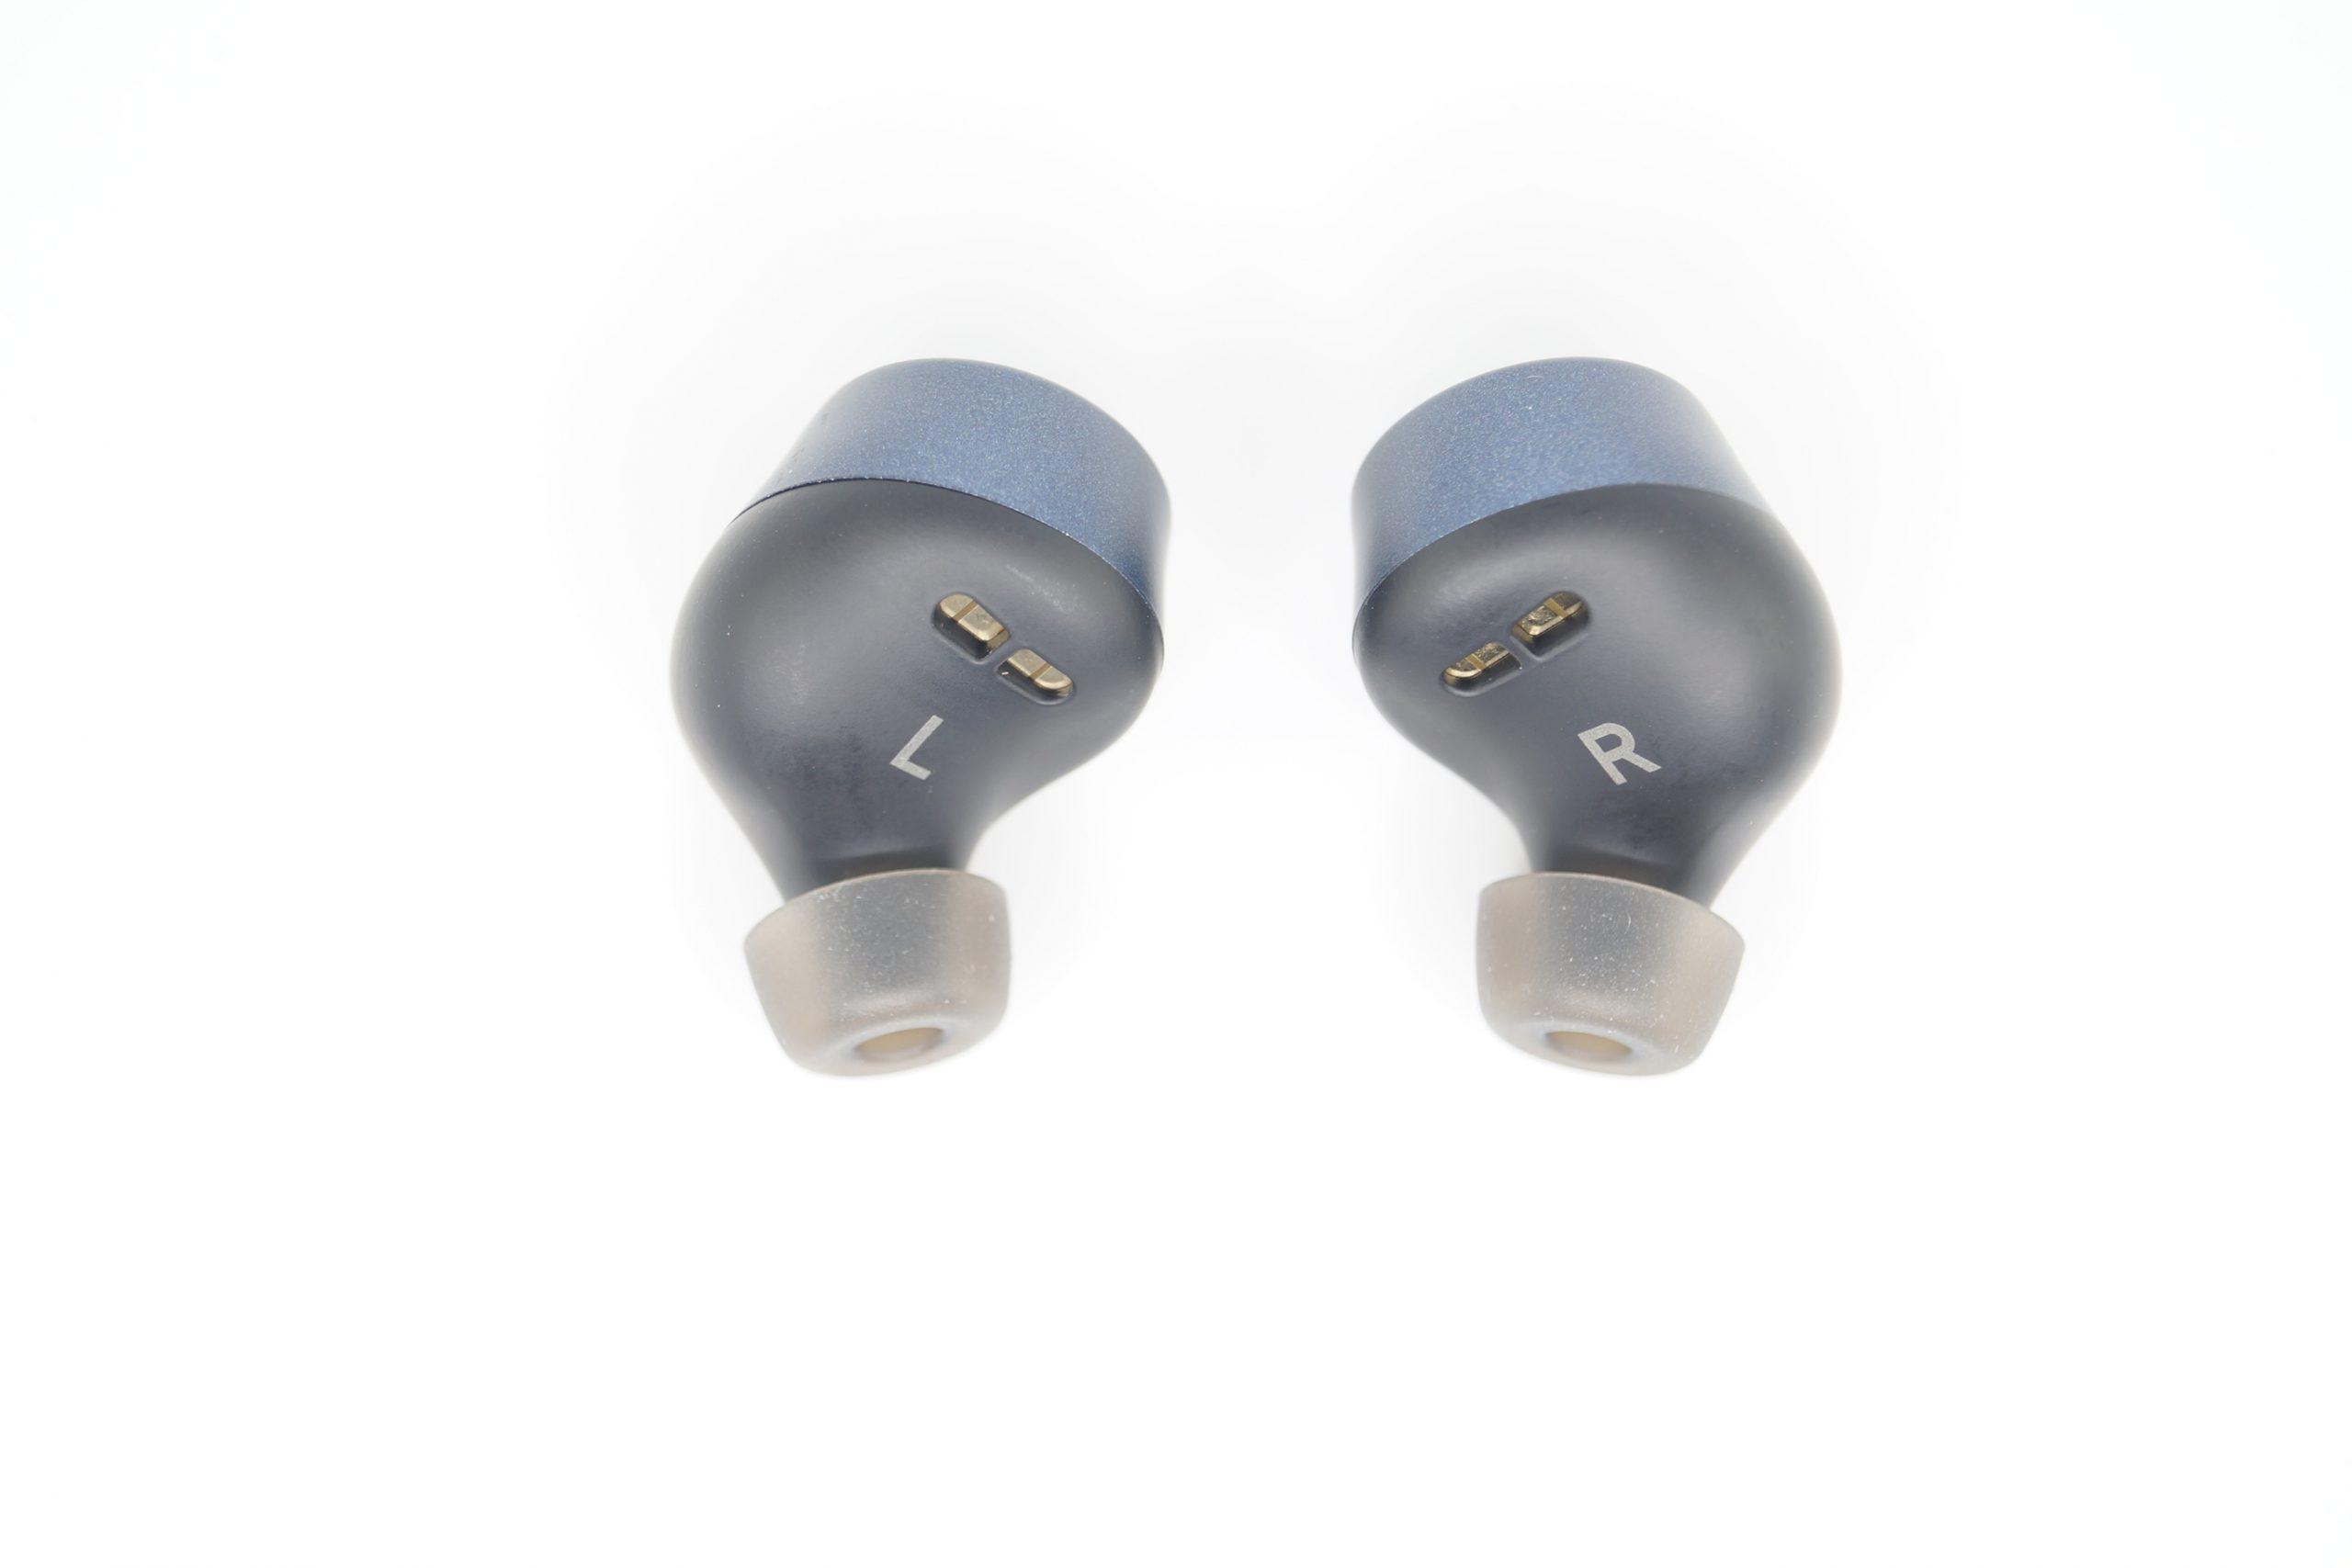 Creative Outlier Air V2 Kopfhörer 3